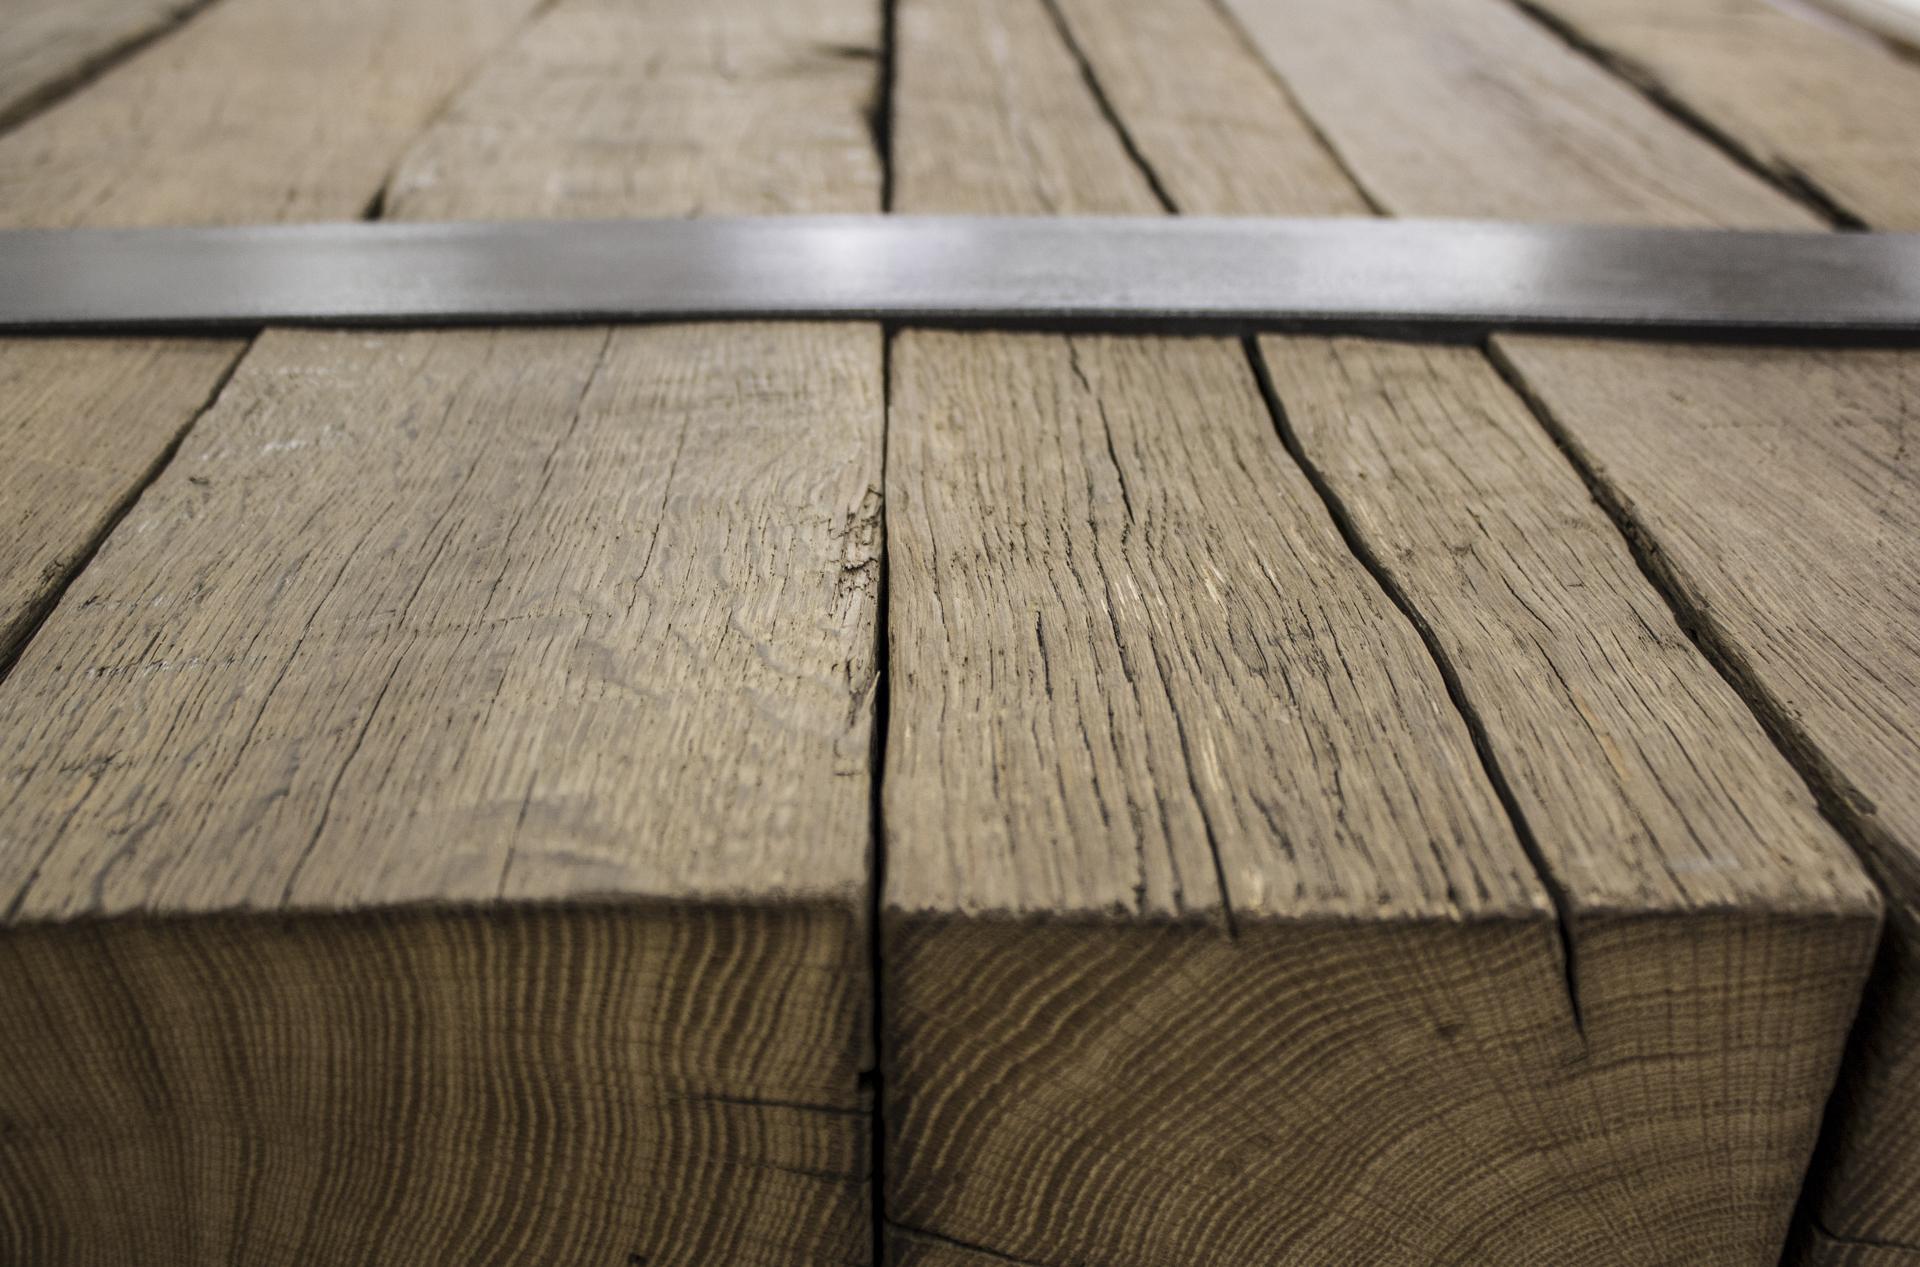 tischlerei-decker-impressionen-altholz